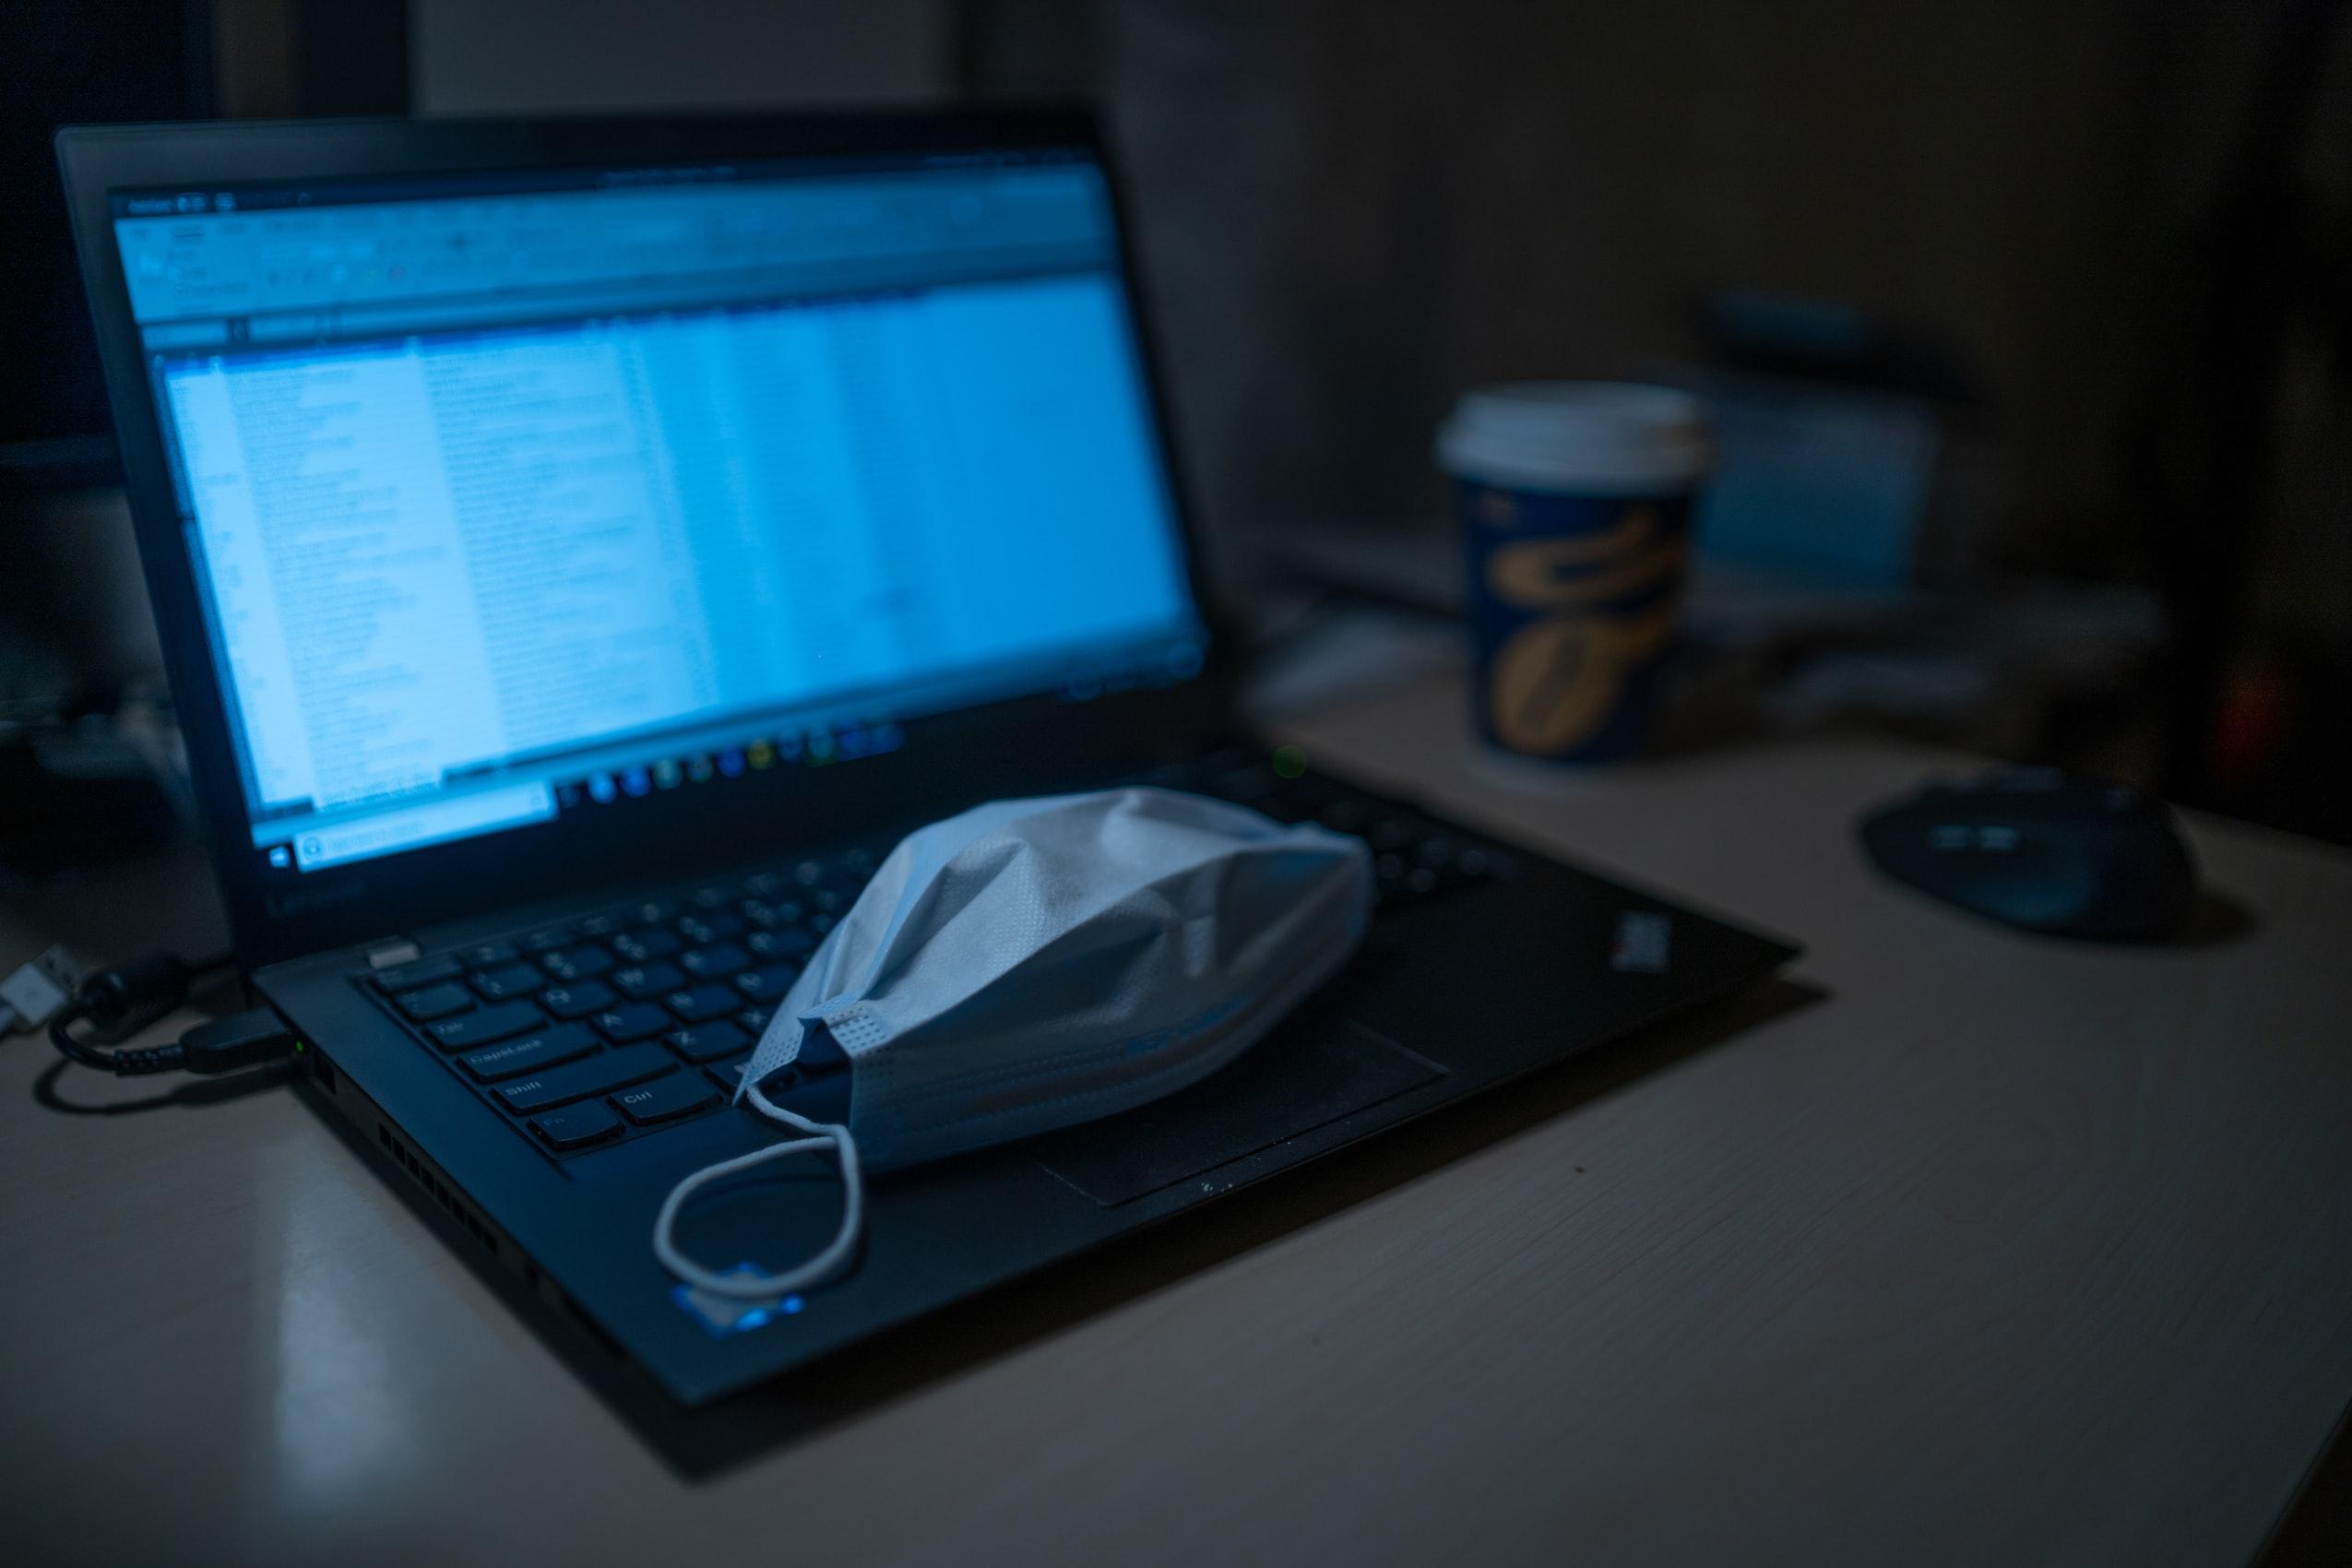 Страны «Большой двадцатки» проведут конференцию о коронавирусе по Интернету